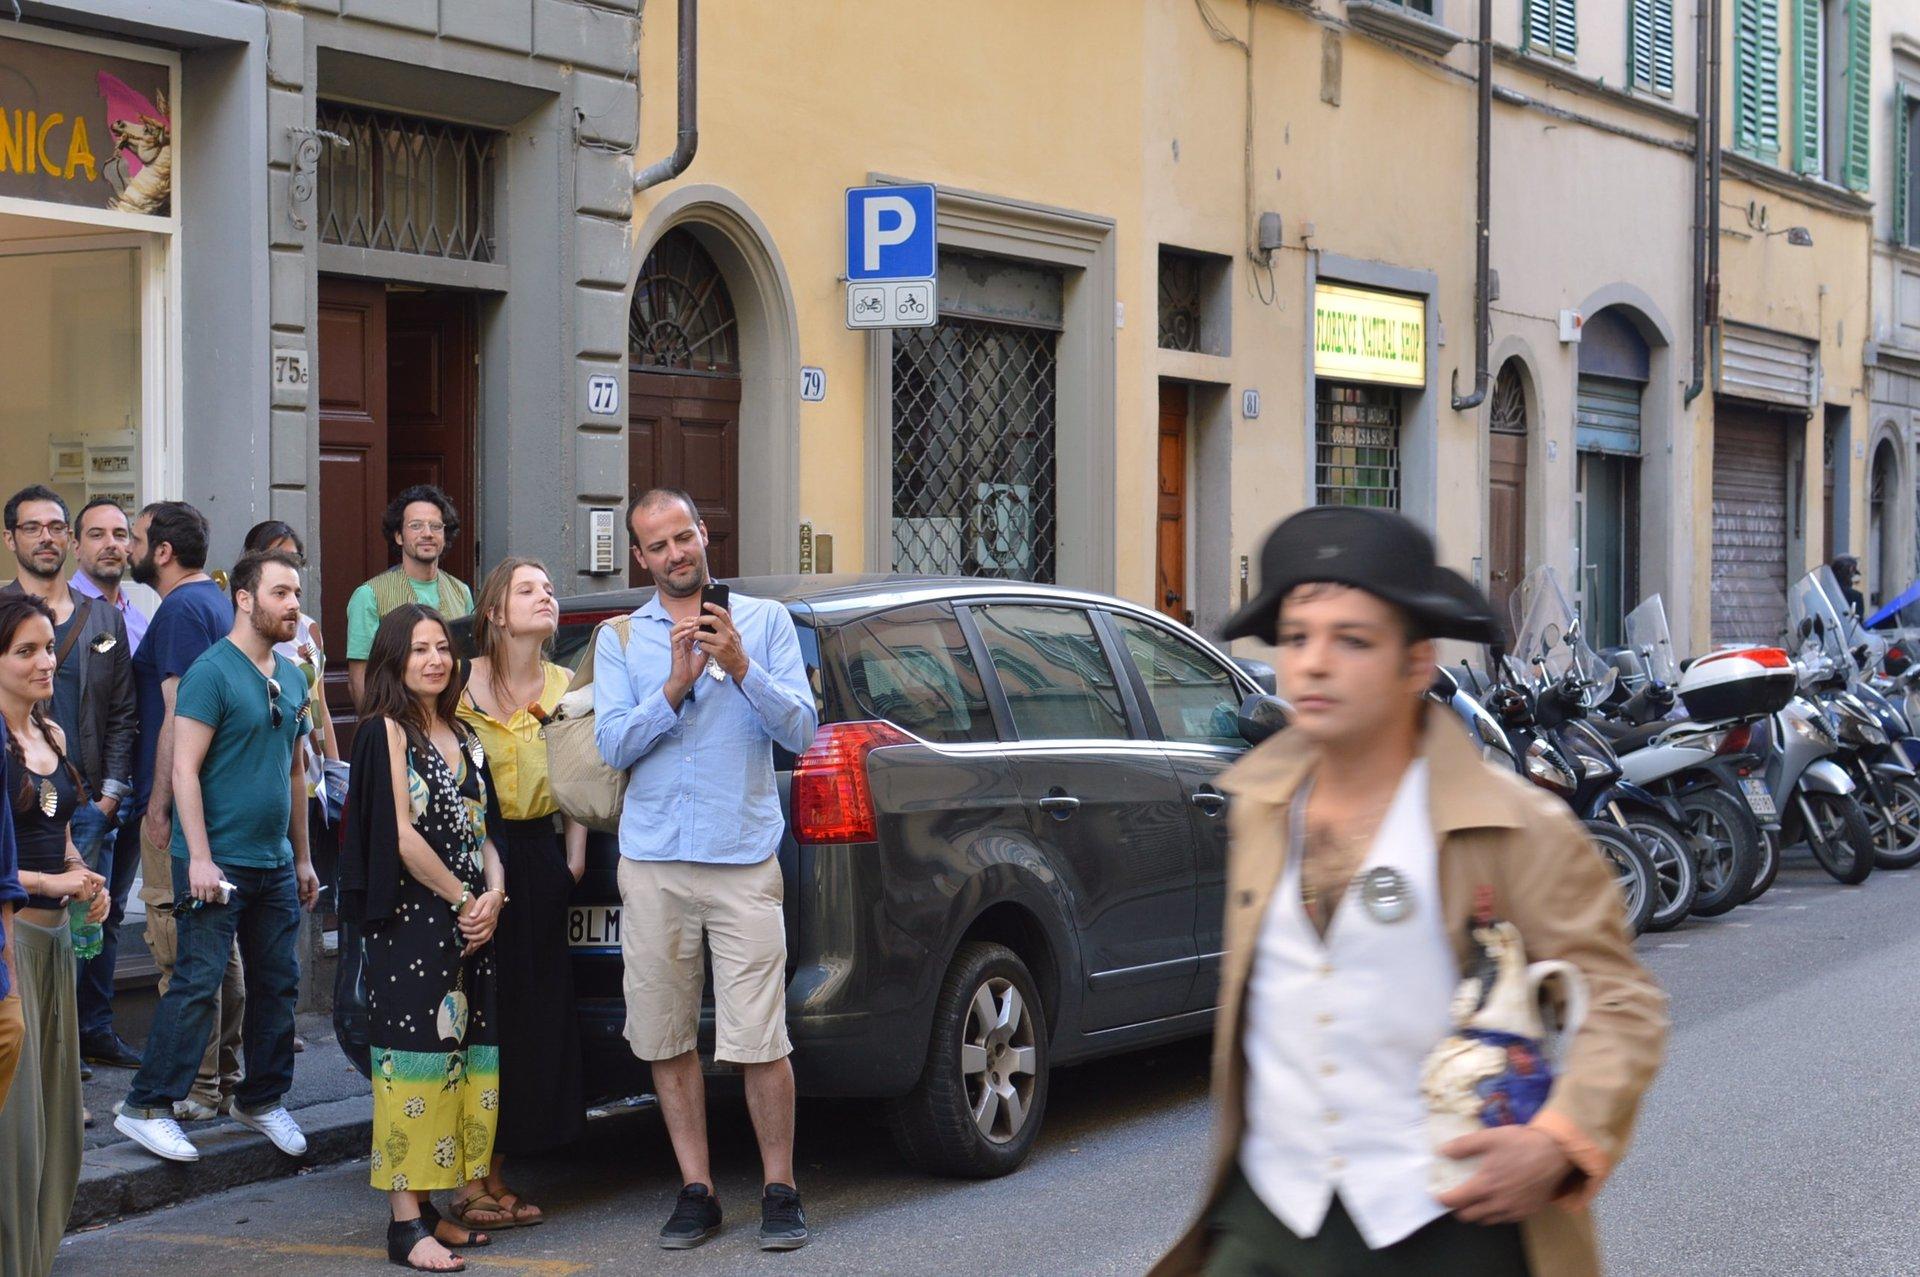 IlGattaRossa - 06 Jun 2016 - Mistica Napoleonica - DSC_0406